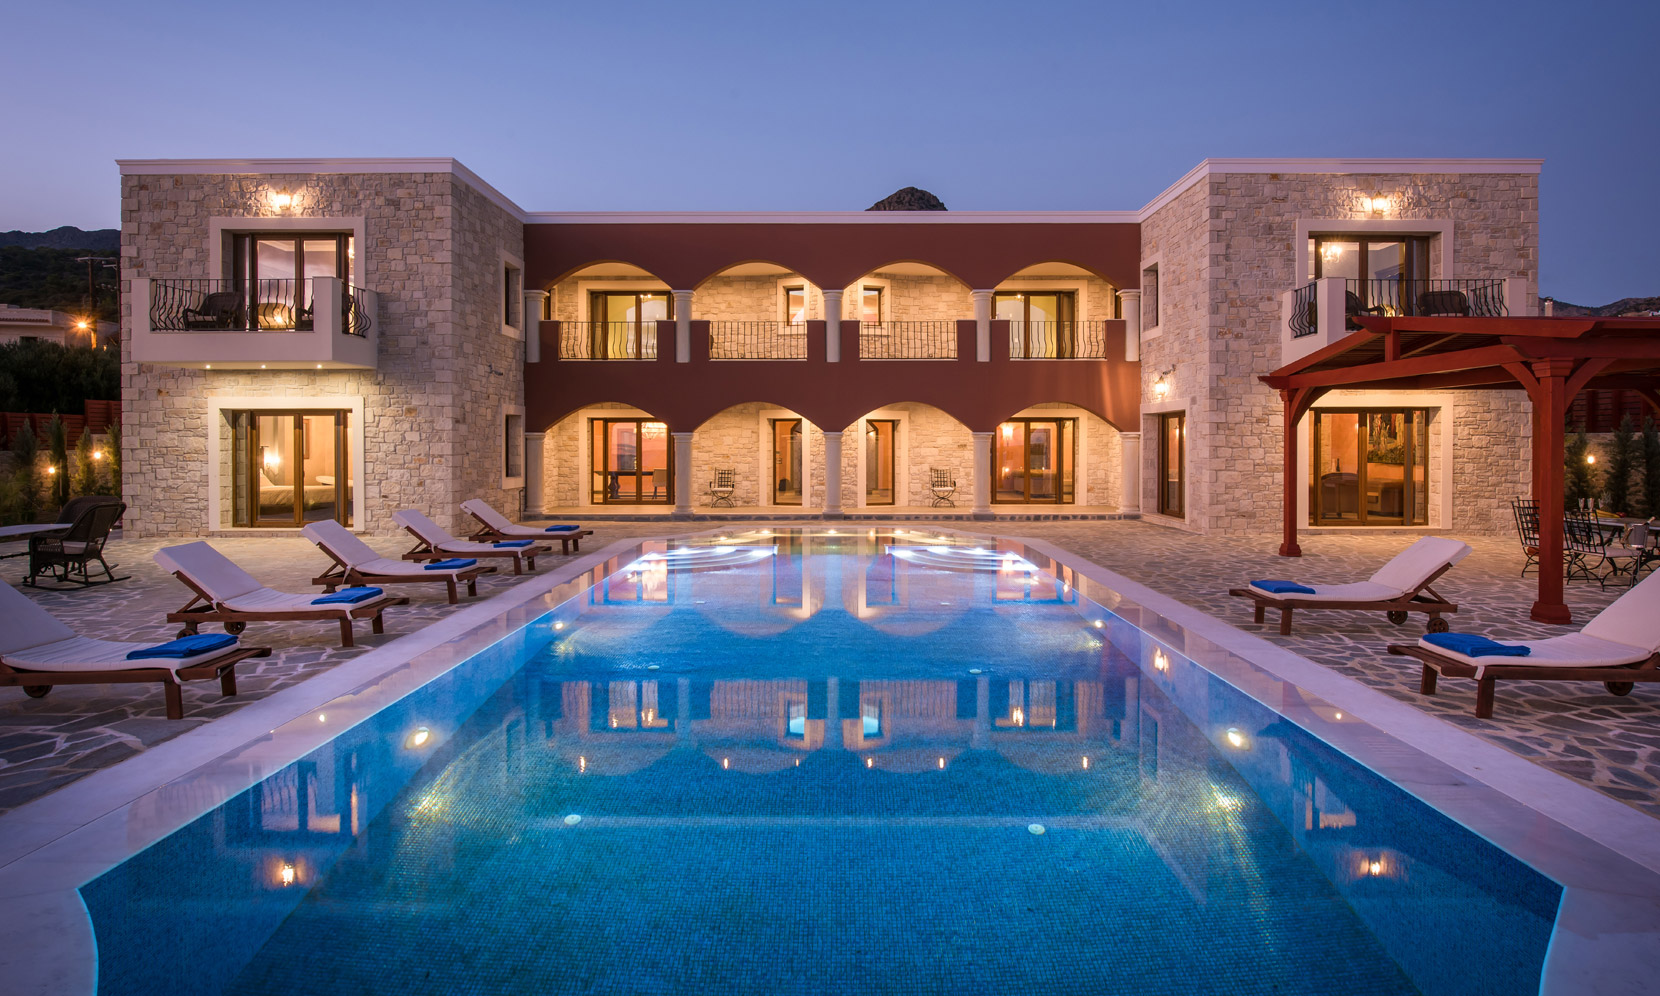 Crete Villa Kalliste jumbotron image